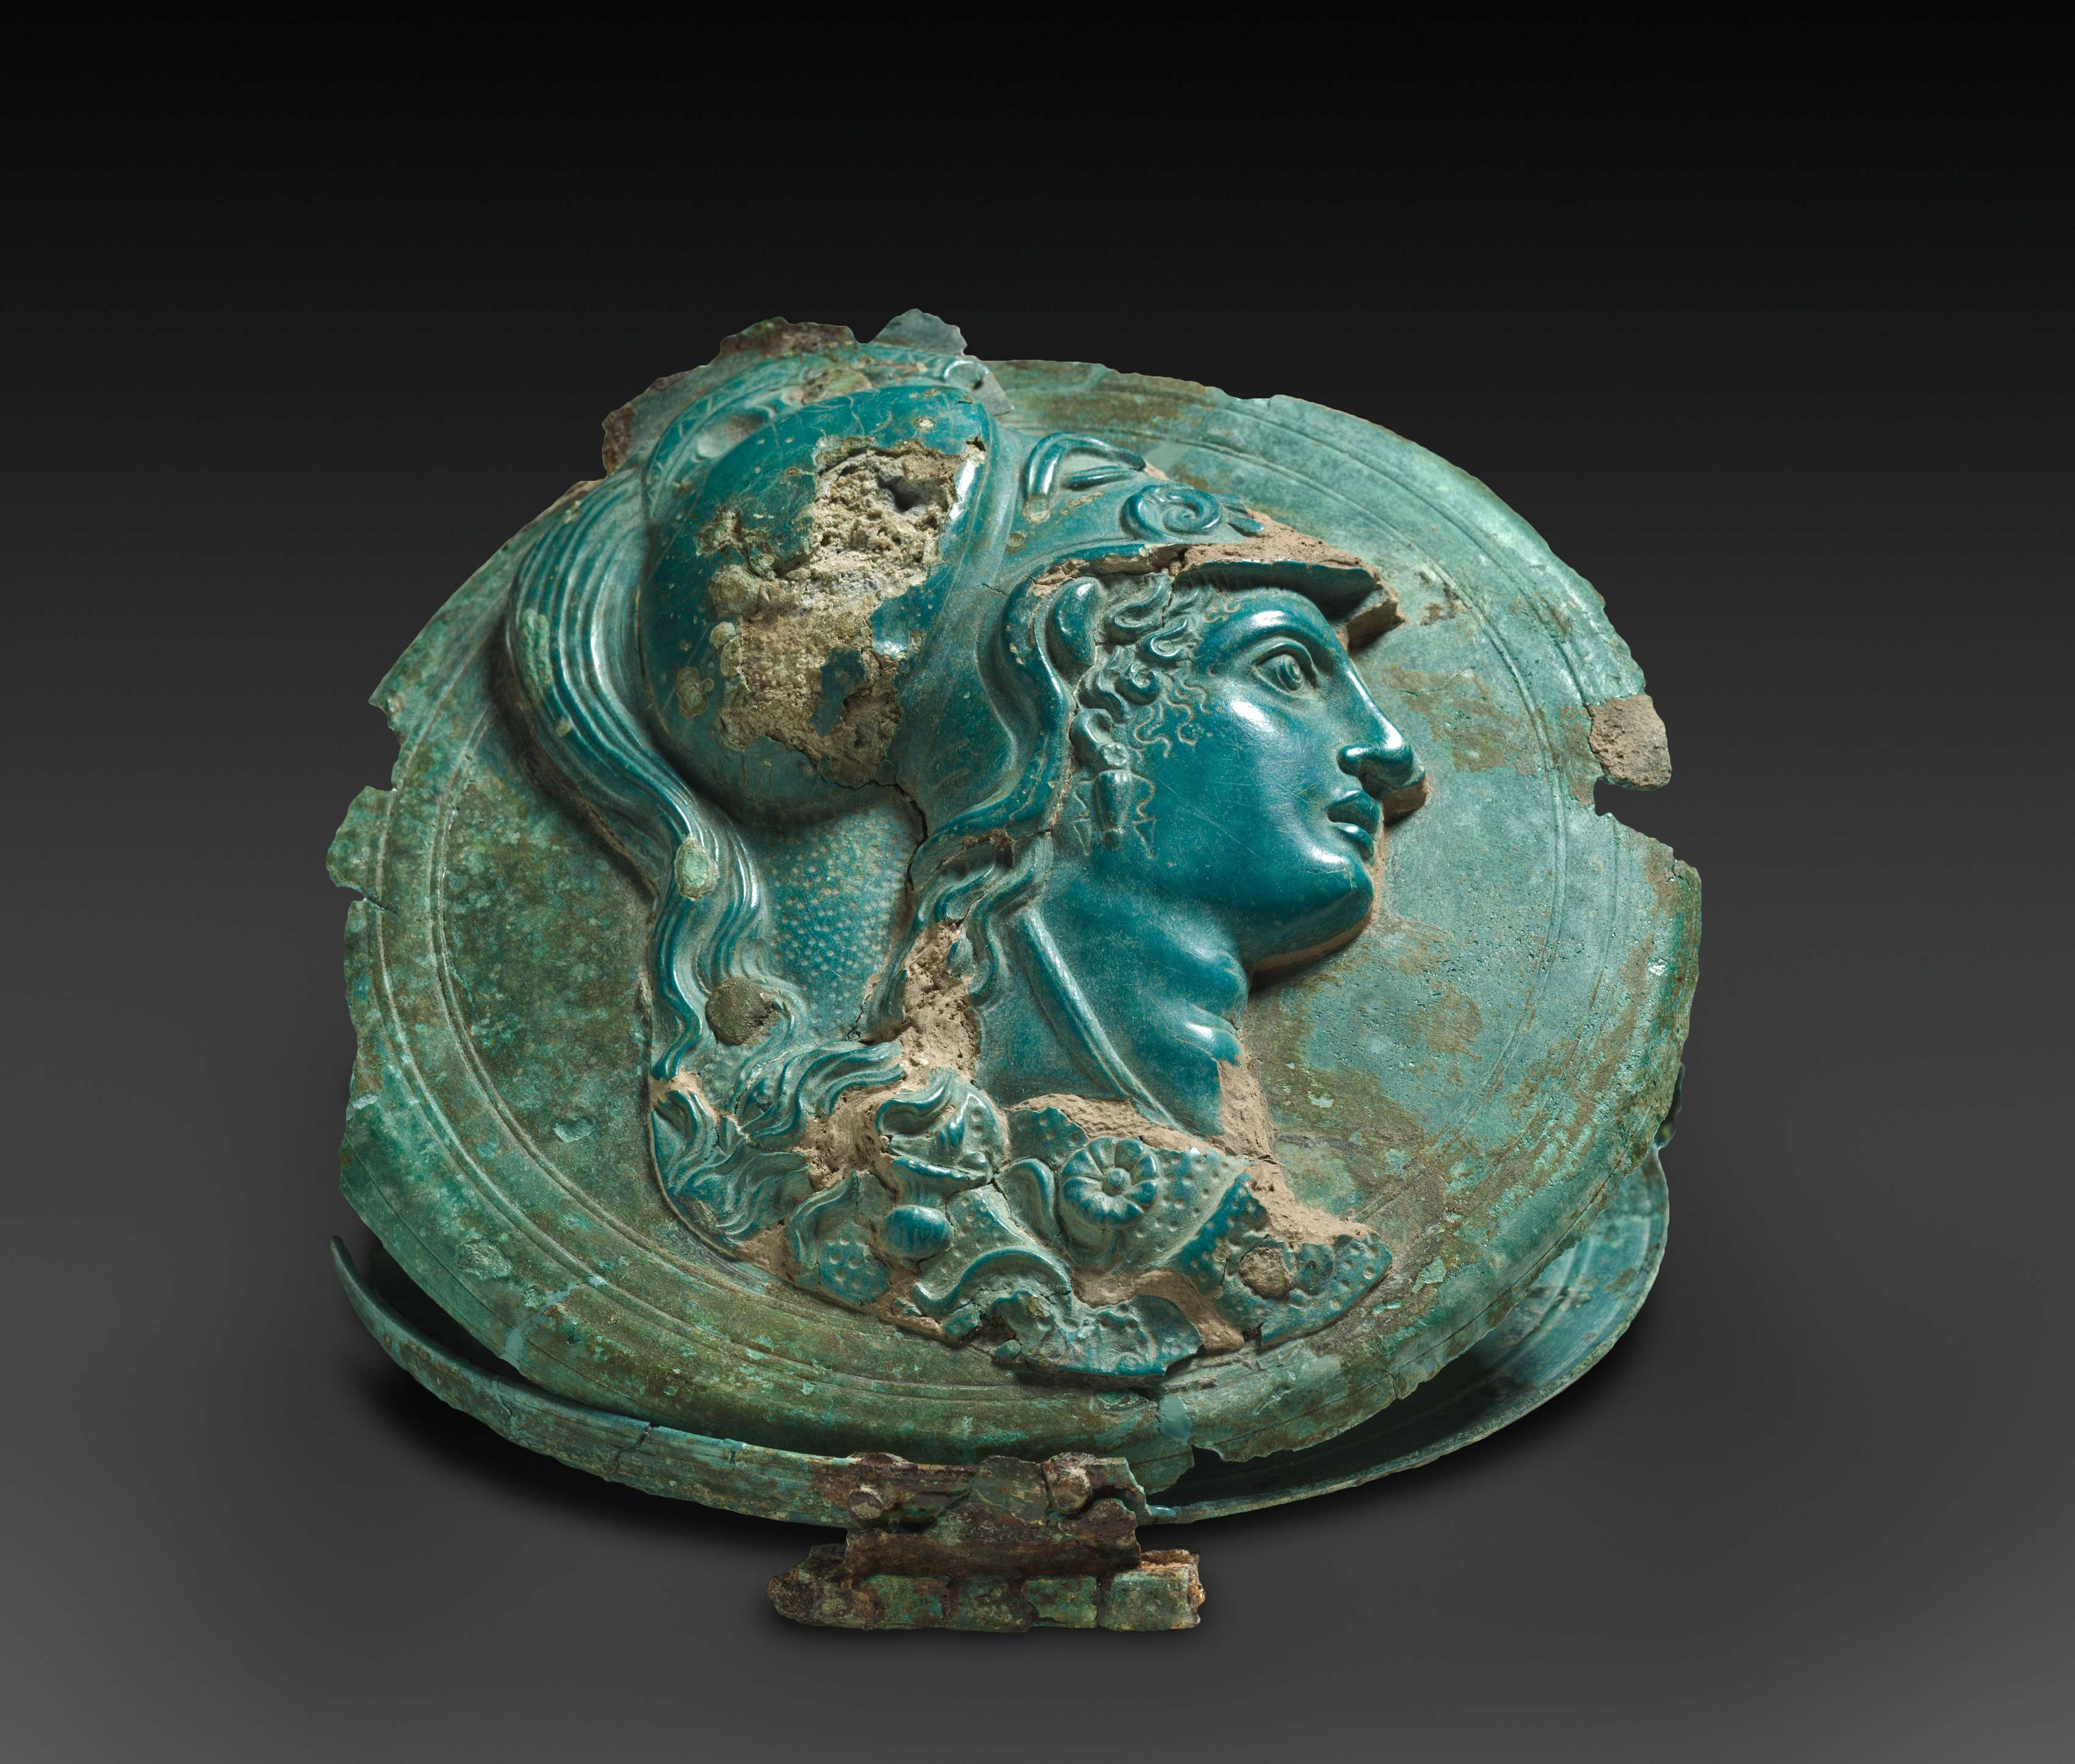 Η θεά Αθηνά. Mirror Box with Head of Athena 400-375 BC. Μουσείο Τέχνης του Κλίβελαντ.